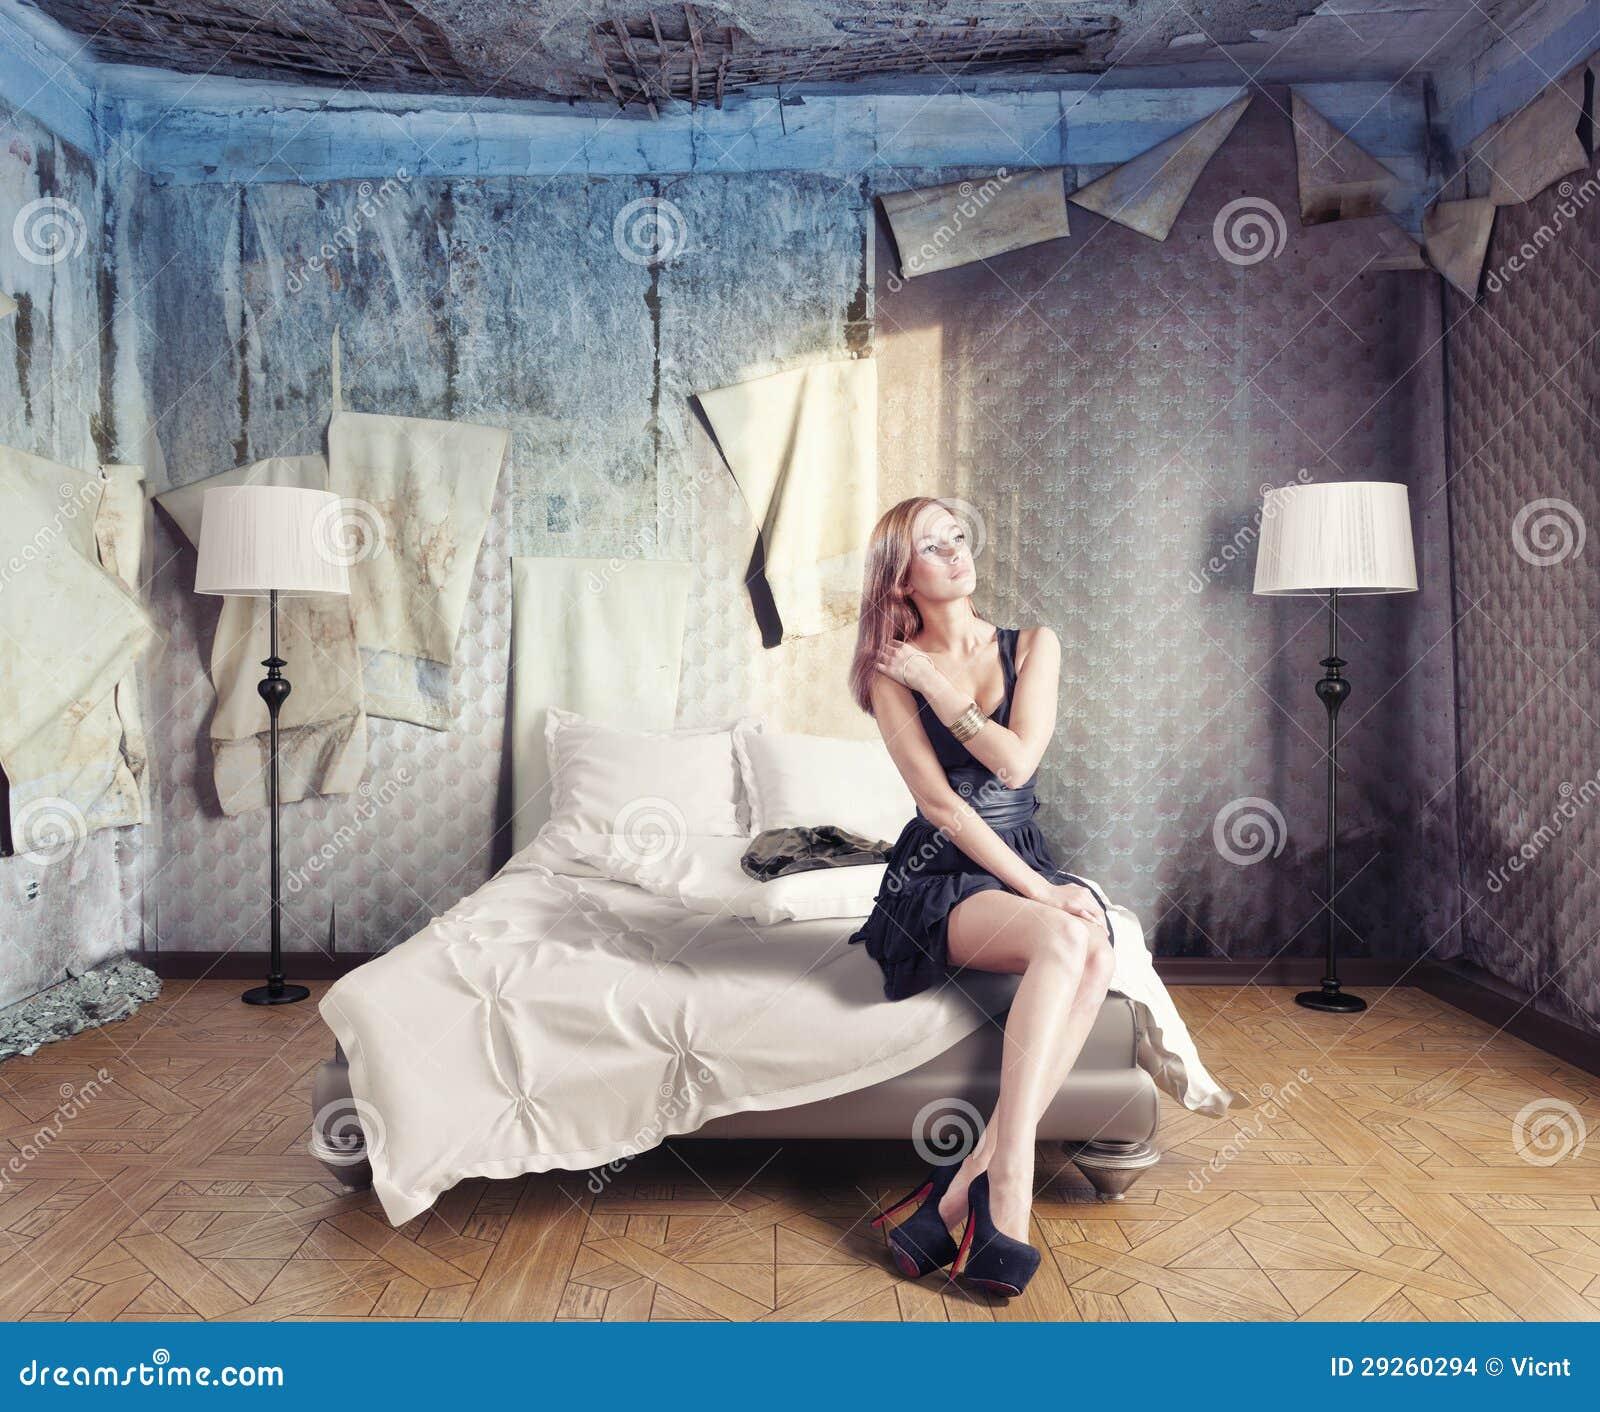 Фото женщина сидит на кровати 23 фотография